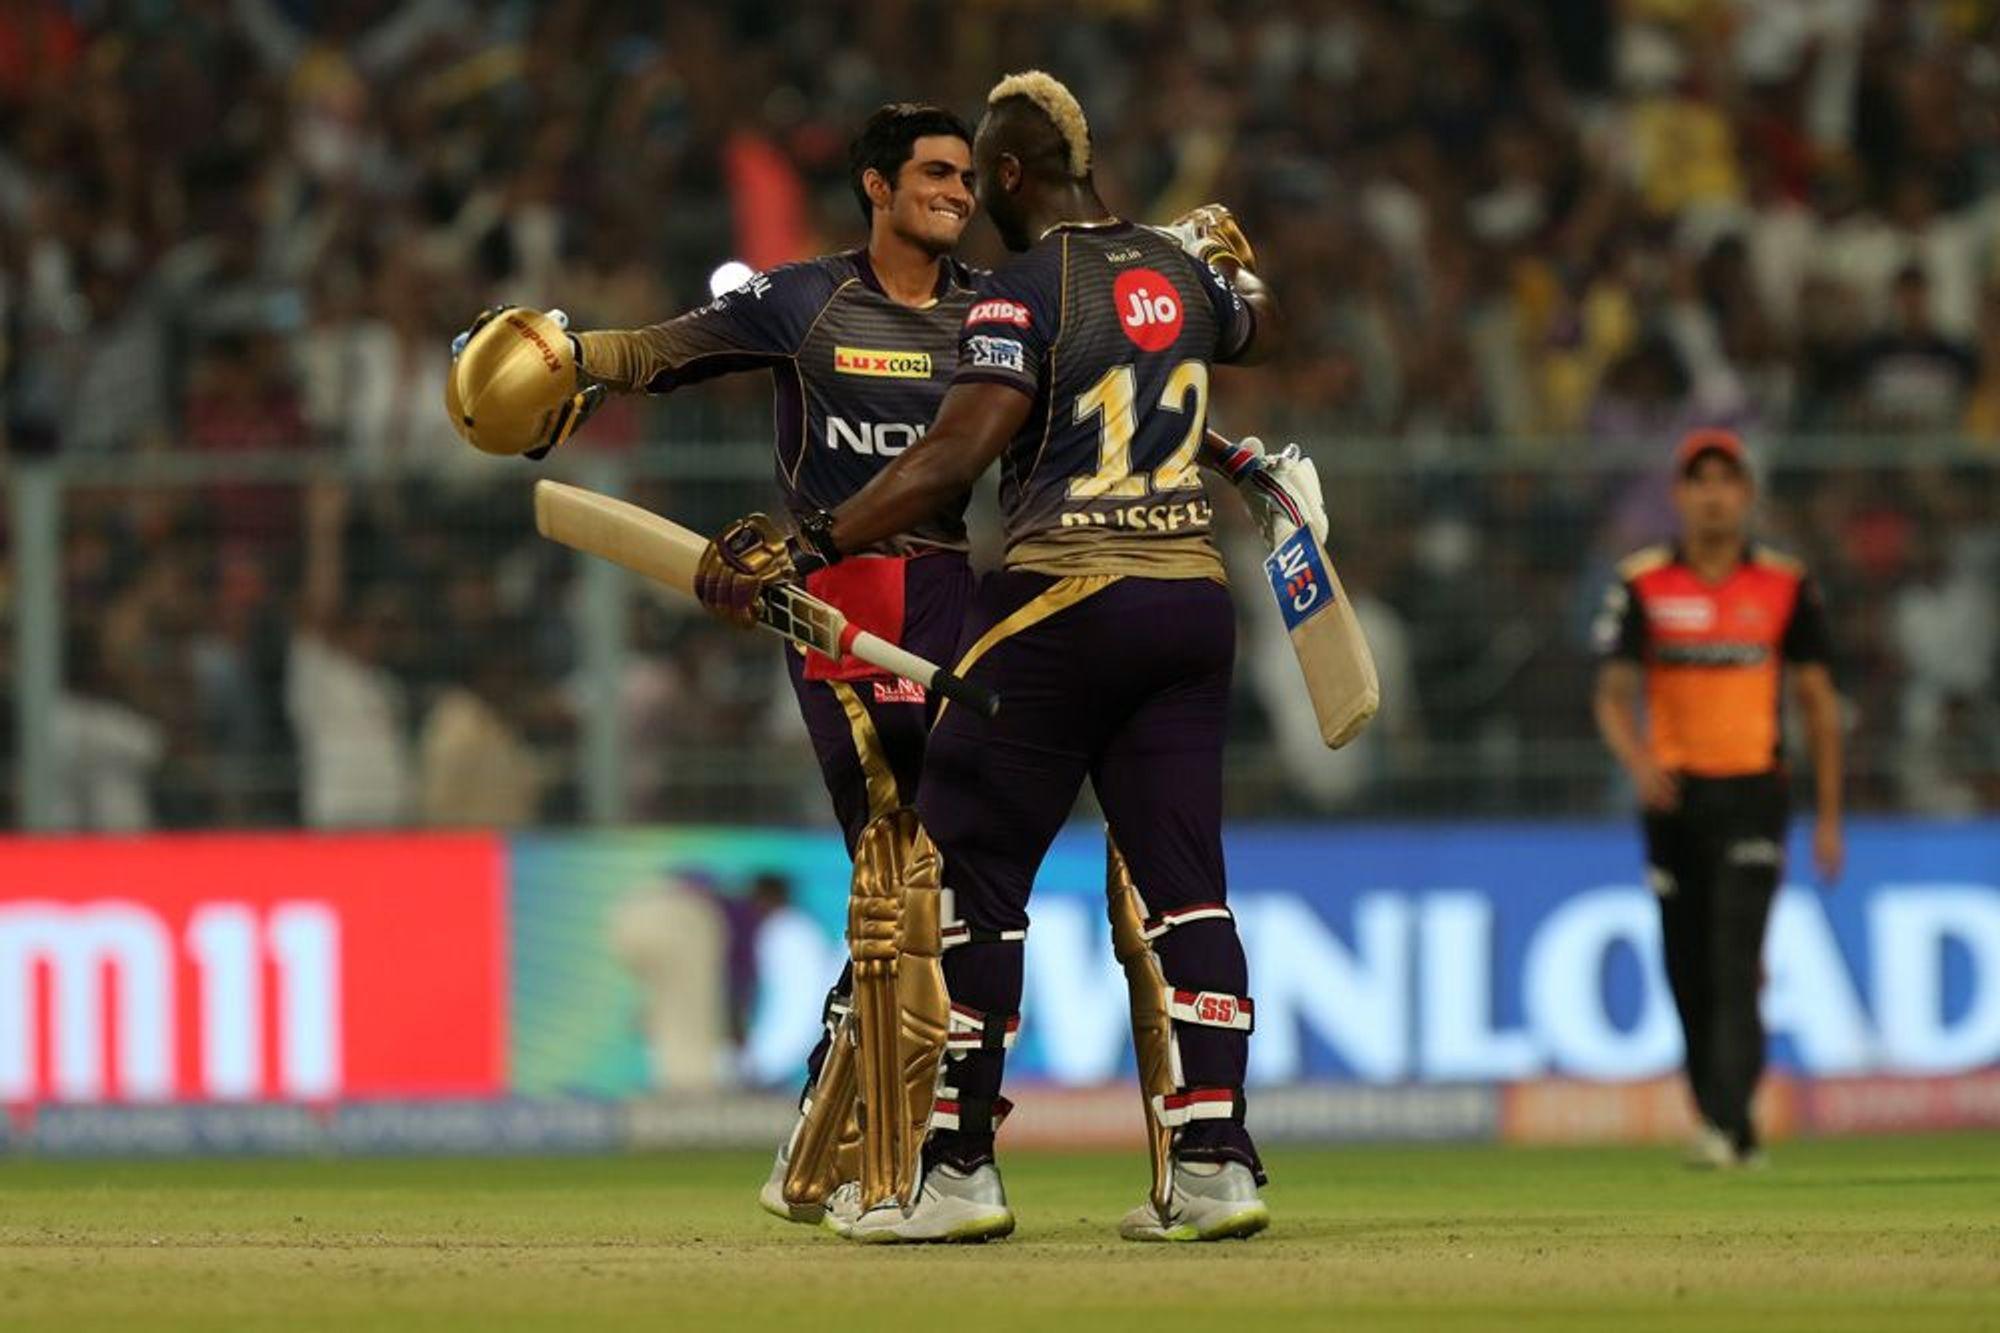 KKRvsSRH: मैच के अंतिम ओवर में दो छक्के जड़कर सोशल मीडिया पर छाए शुभमन गिल, लोगों ने कही ये बात 46